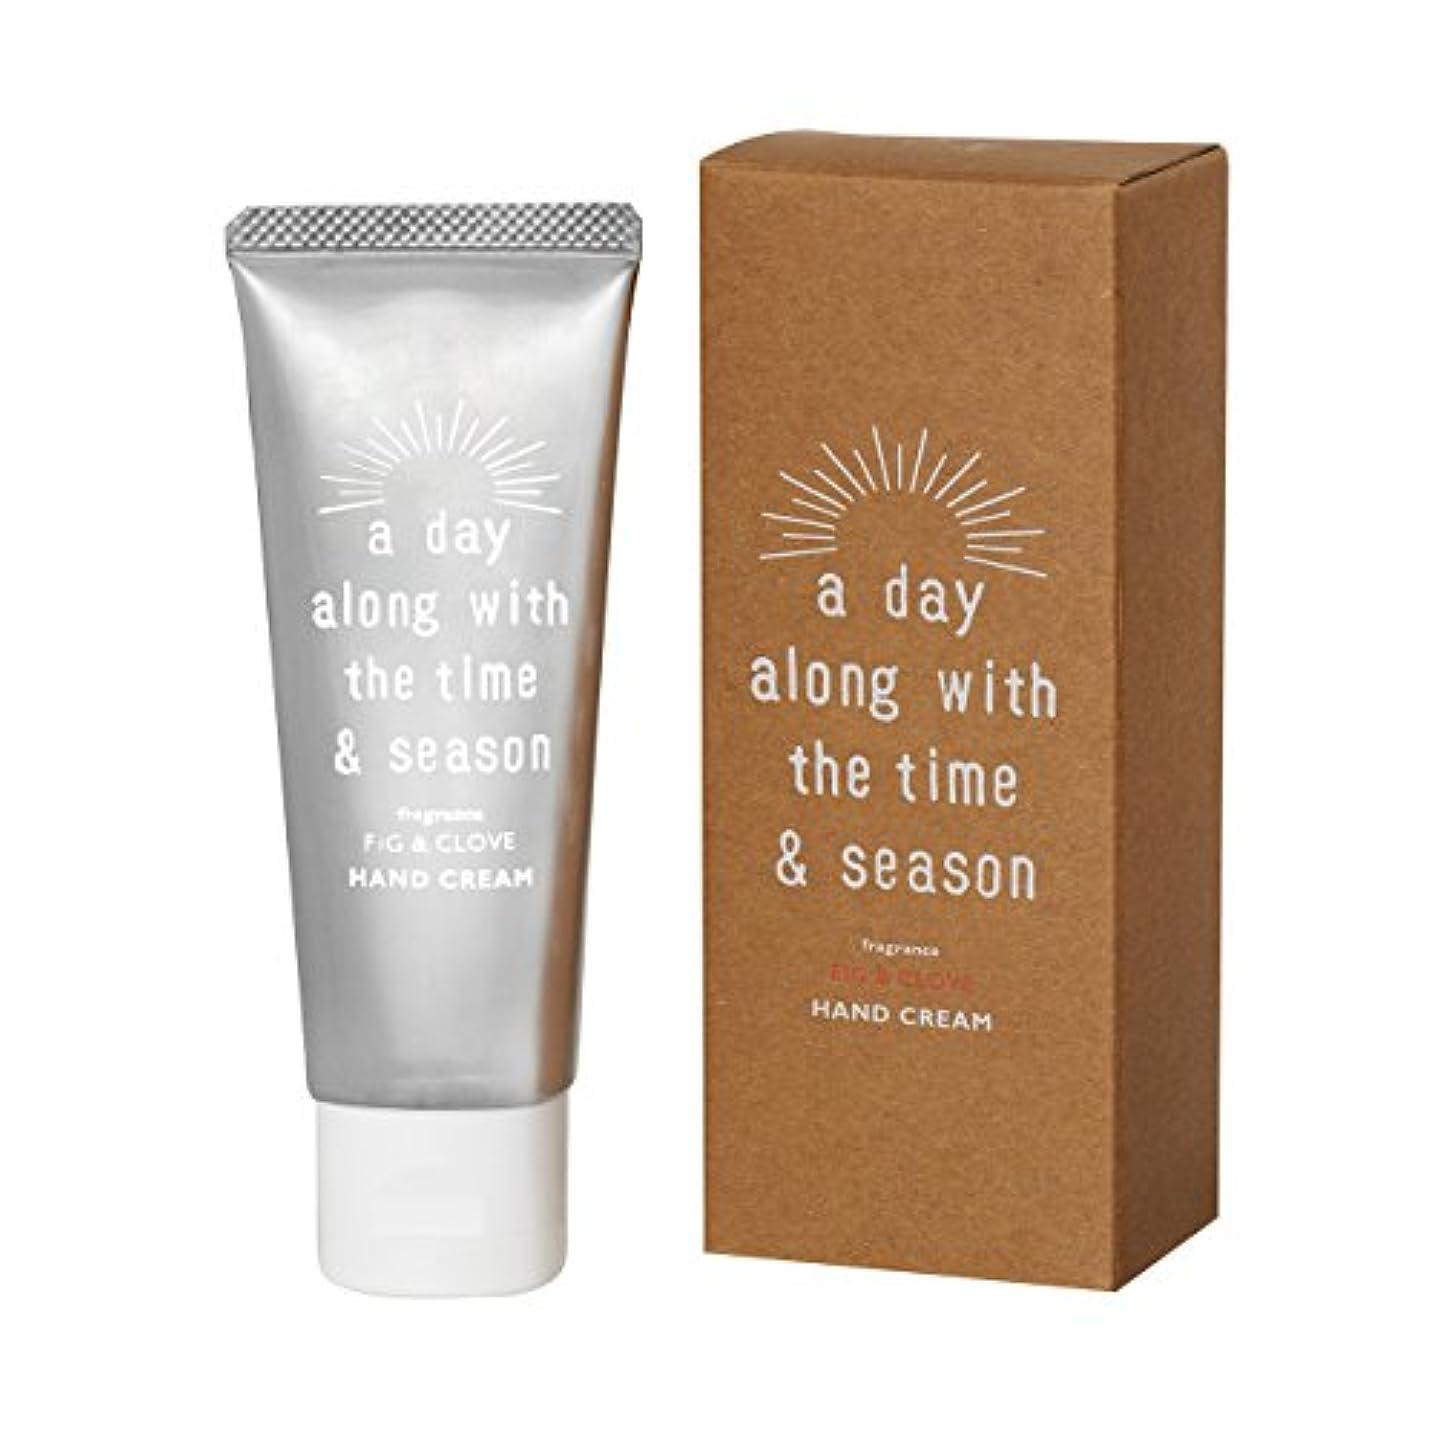 神経衰弱広告するアスリートアデイ(a day) ハンドクリーム フィグ&クローブ 50g(低刺激弱酸性 天然由来 手肌用保湿 個性的でフルーティーなフィグにオリエンタルなクローブを組み合わせた香り)